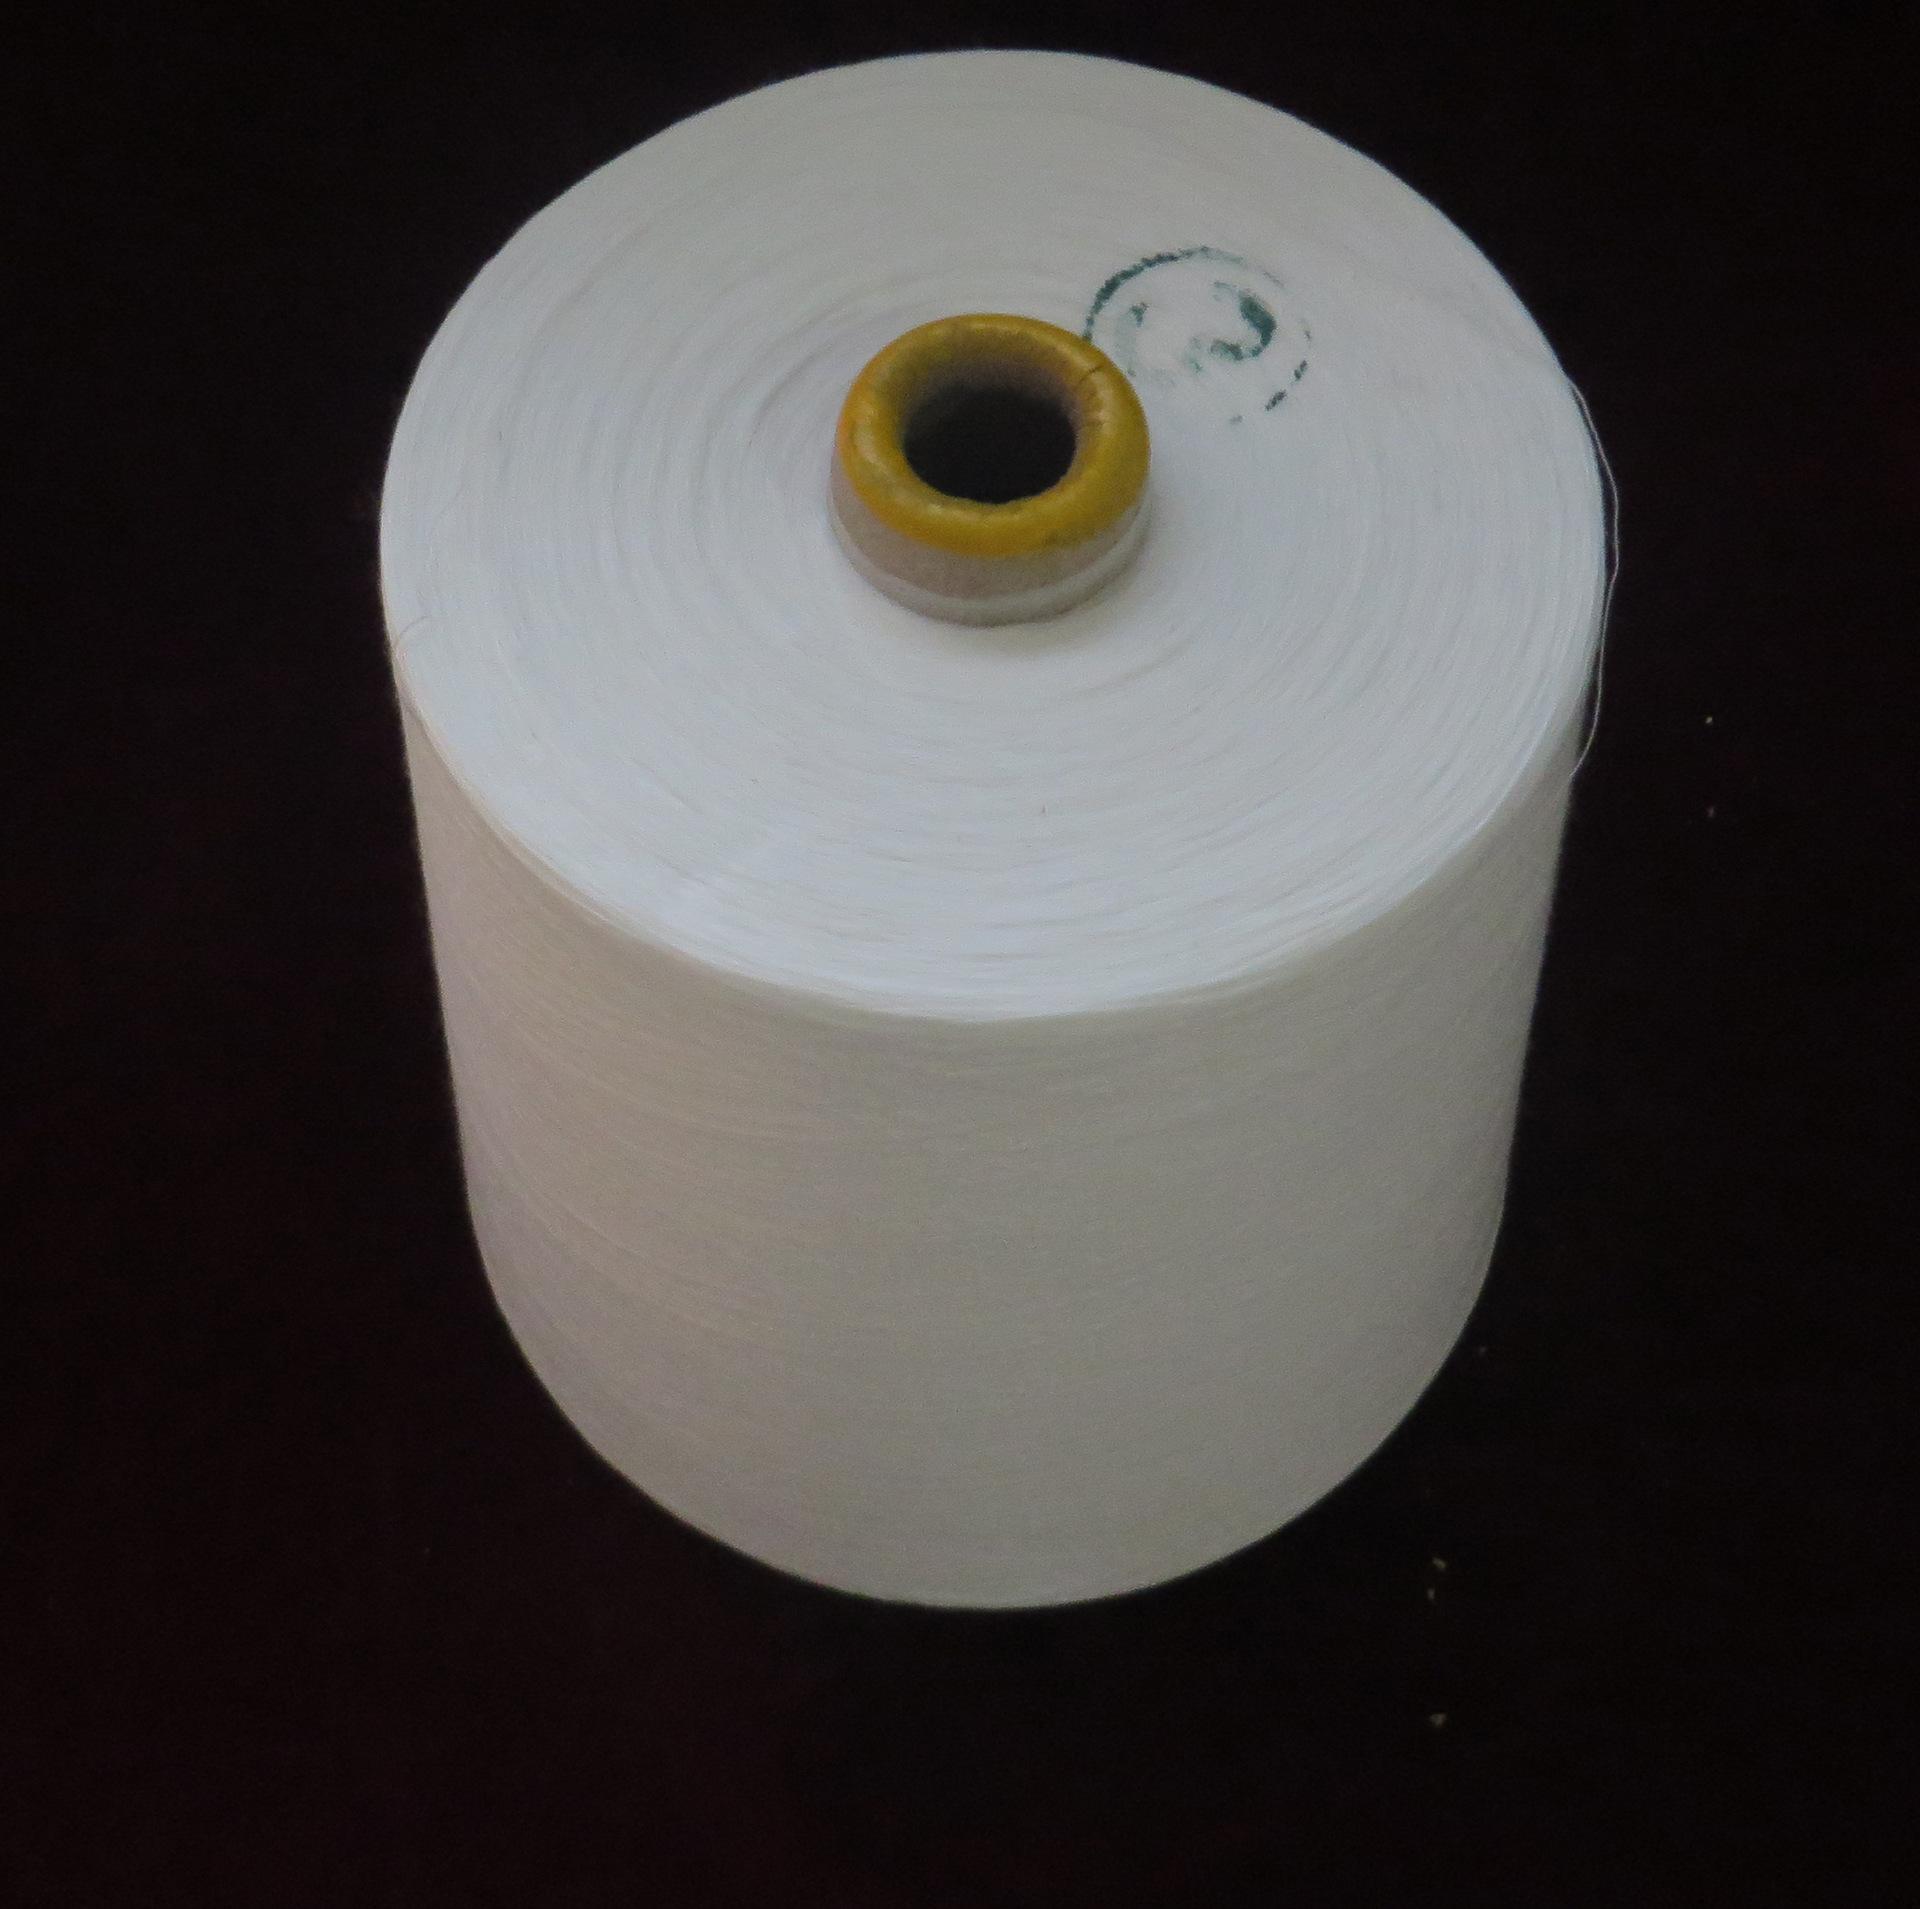 YONGYING Sợi hoá học Bán hàng trực tiếp có thể được tùy chỉnh Sợi polyester chất lượng cao 21S Sợi s